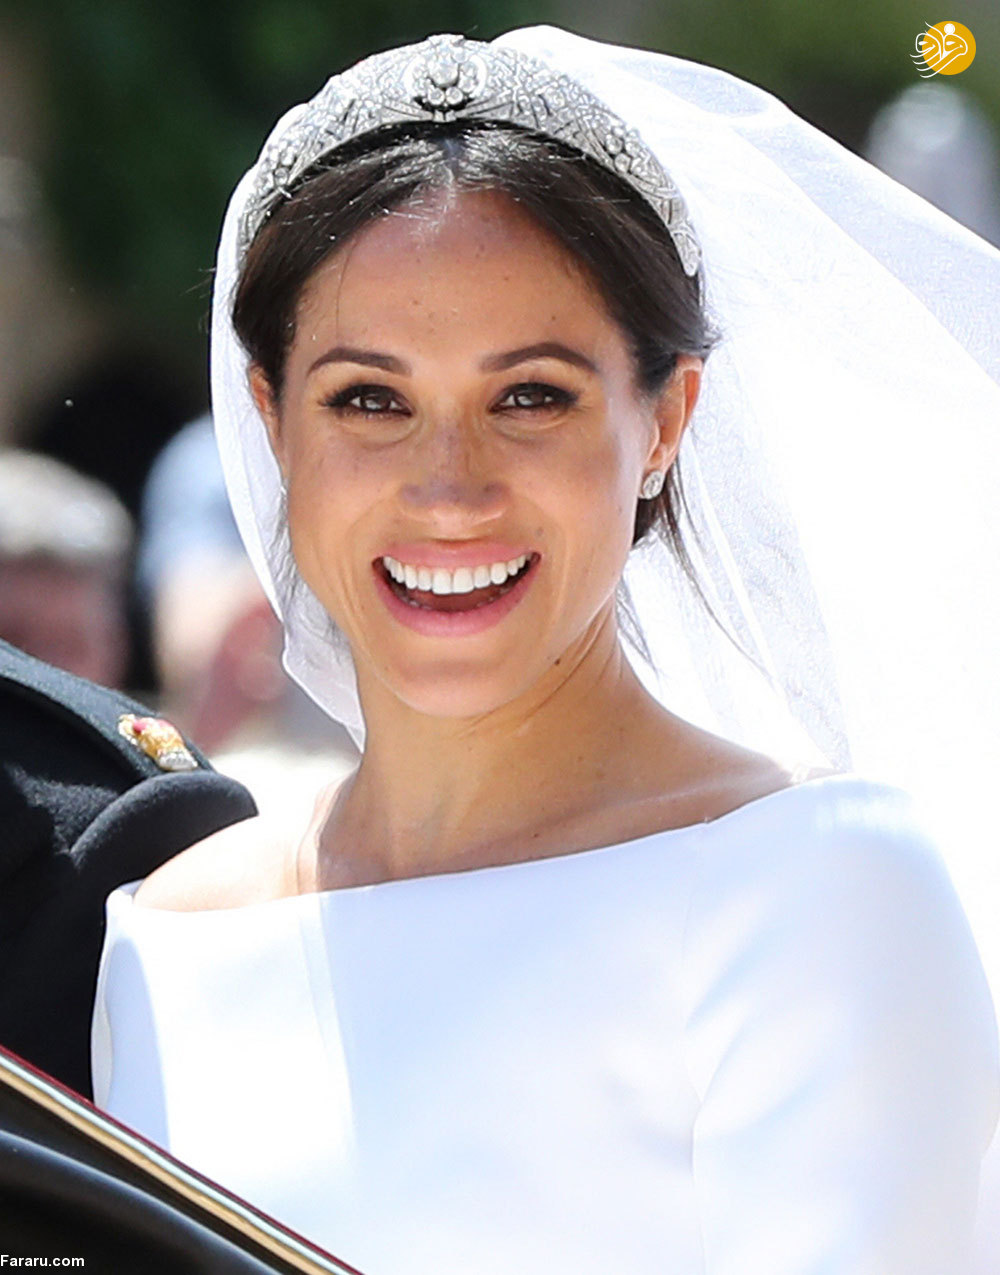 تفاوت عروسهای ایرانی با عروس خاندان سلطنتی!